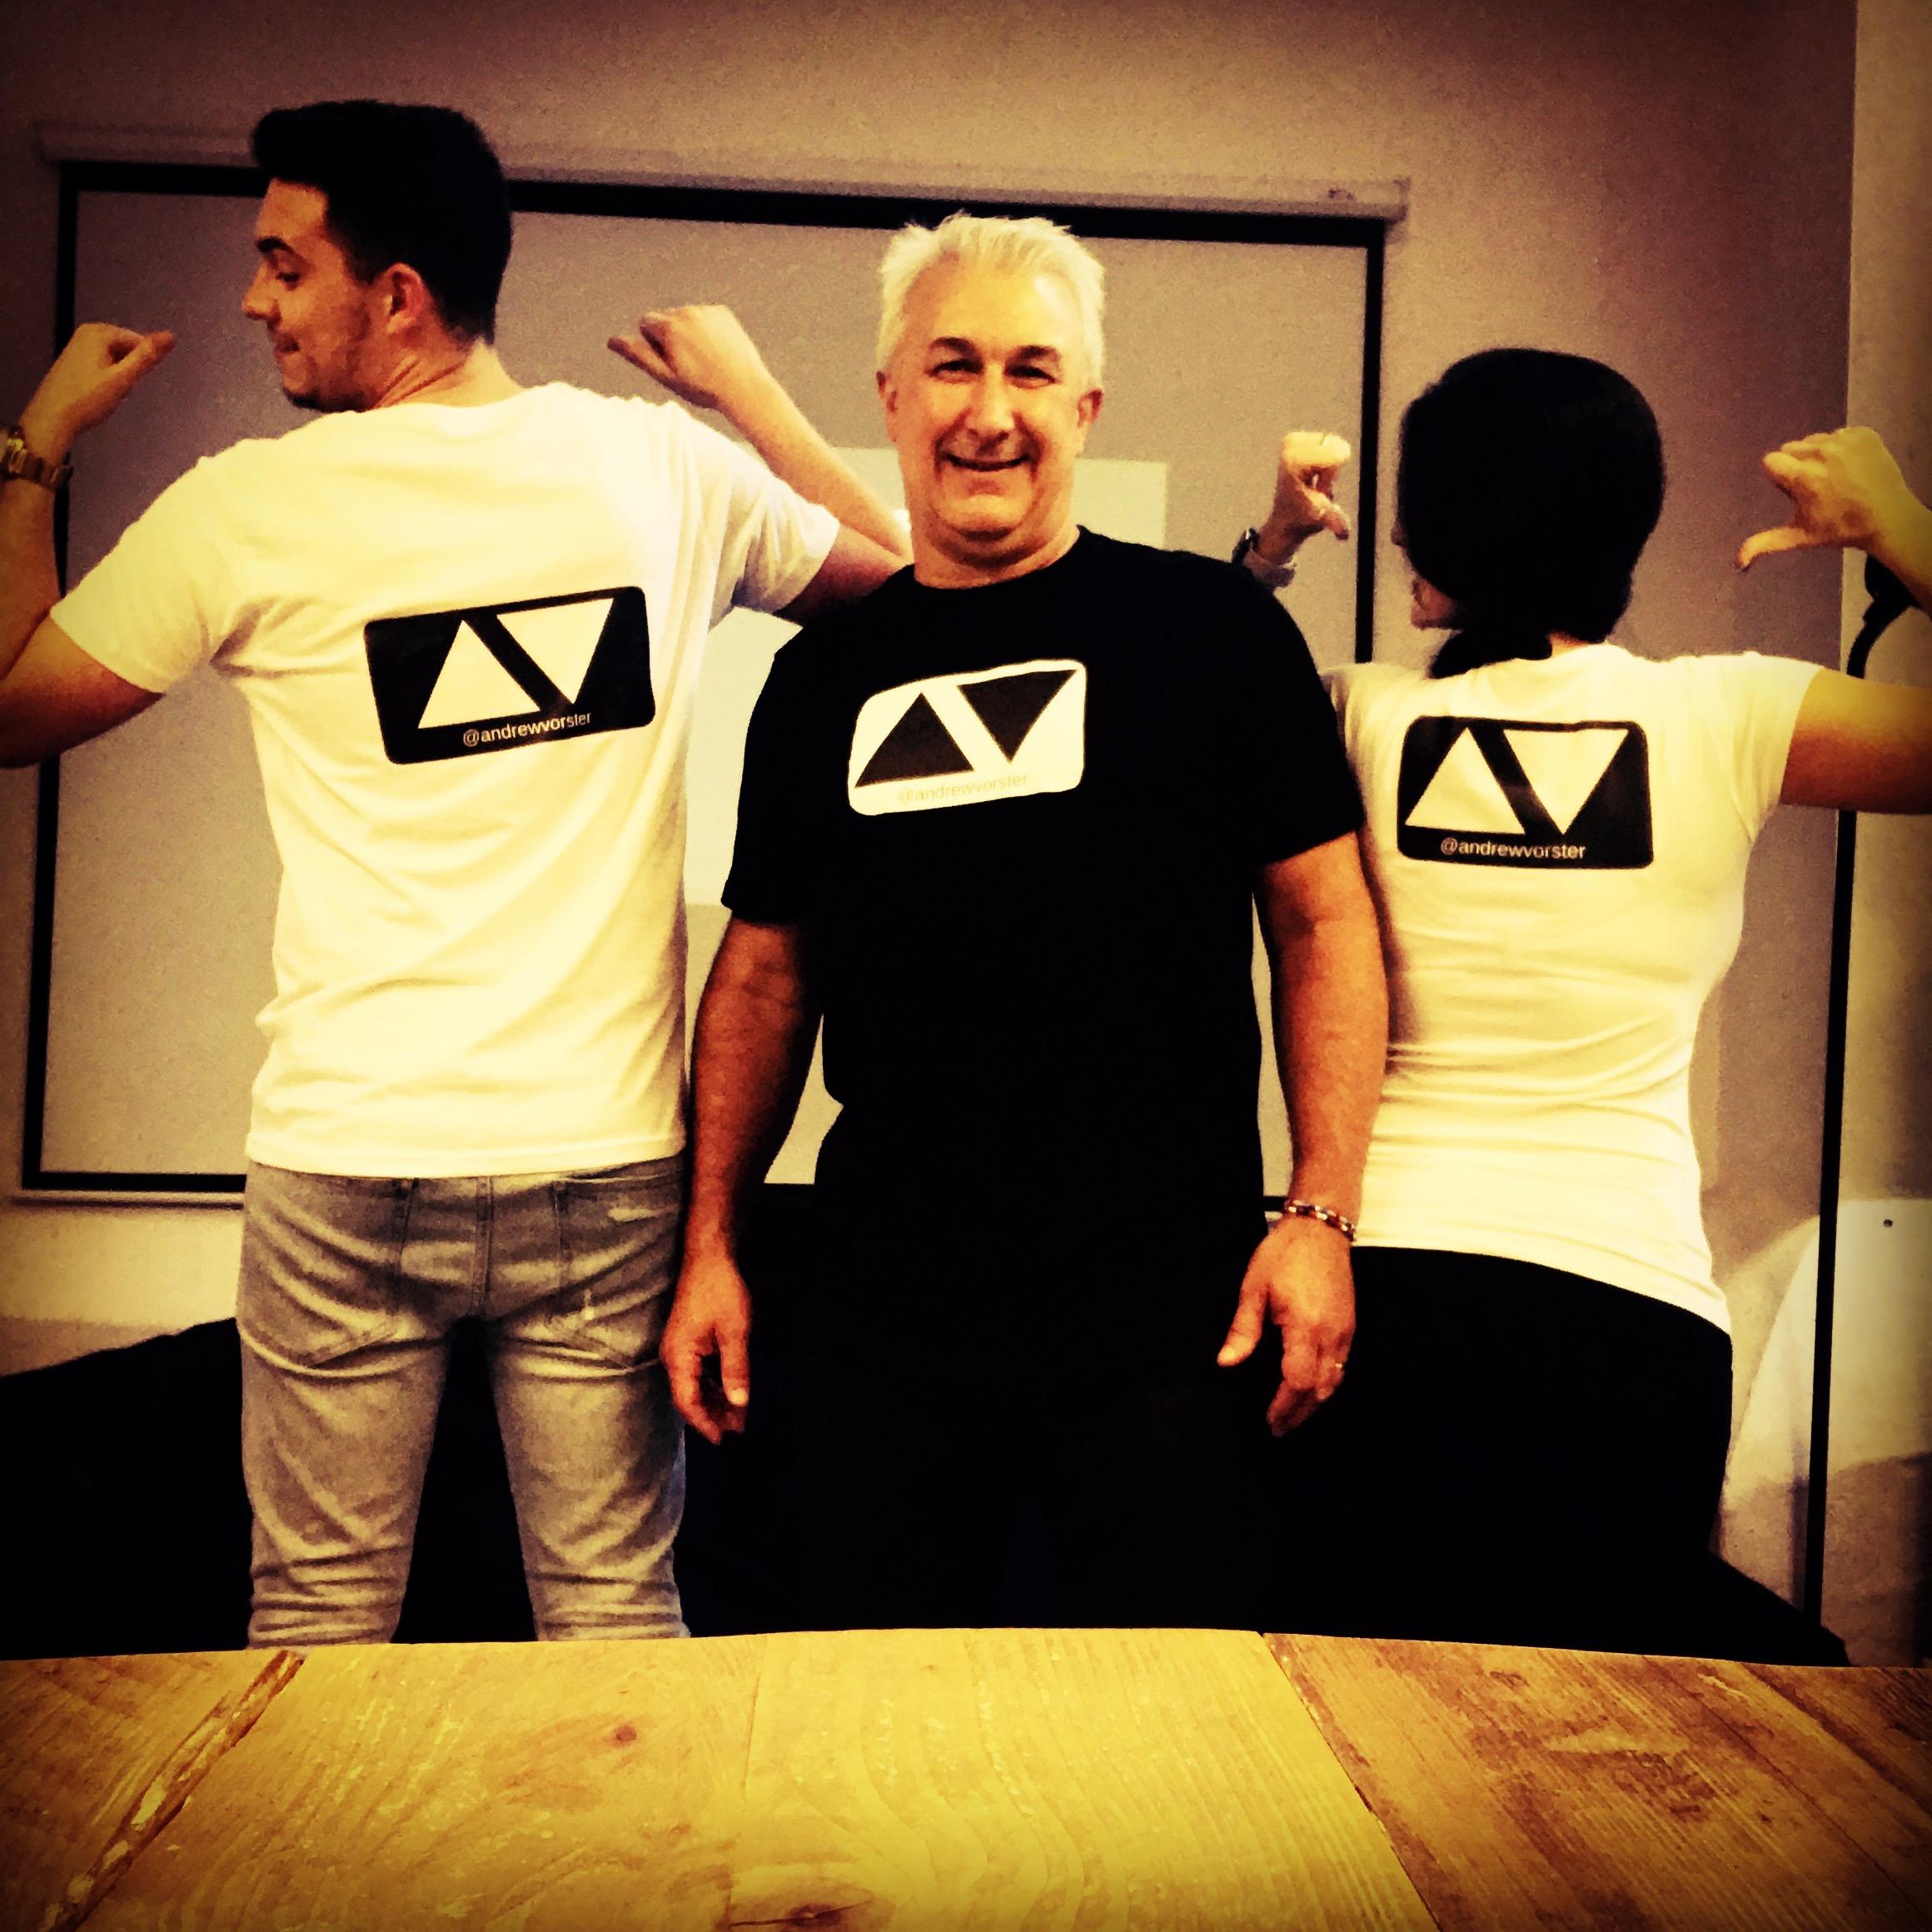 AV and crew